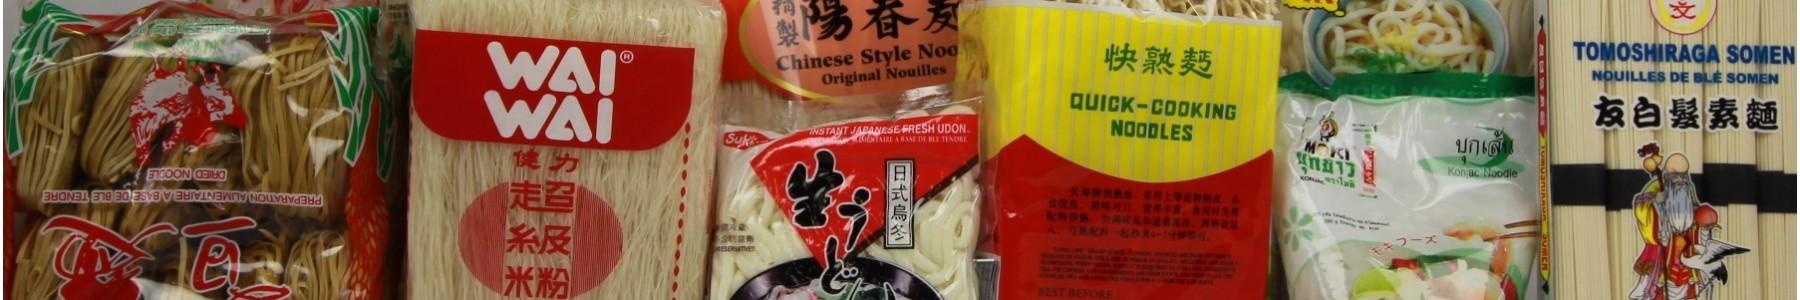 Nouilles, vermicelles et bâtonnets de riz